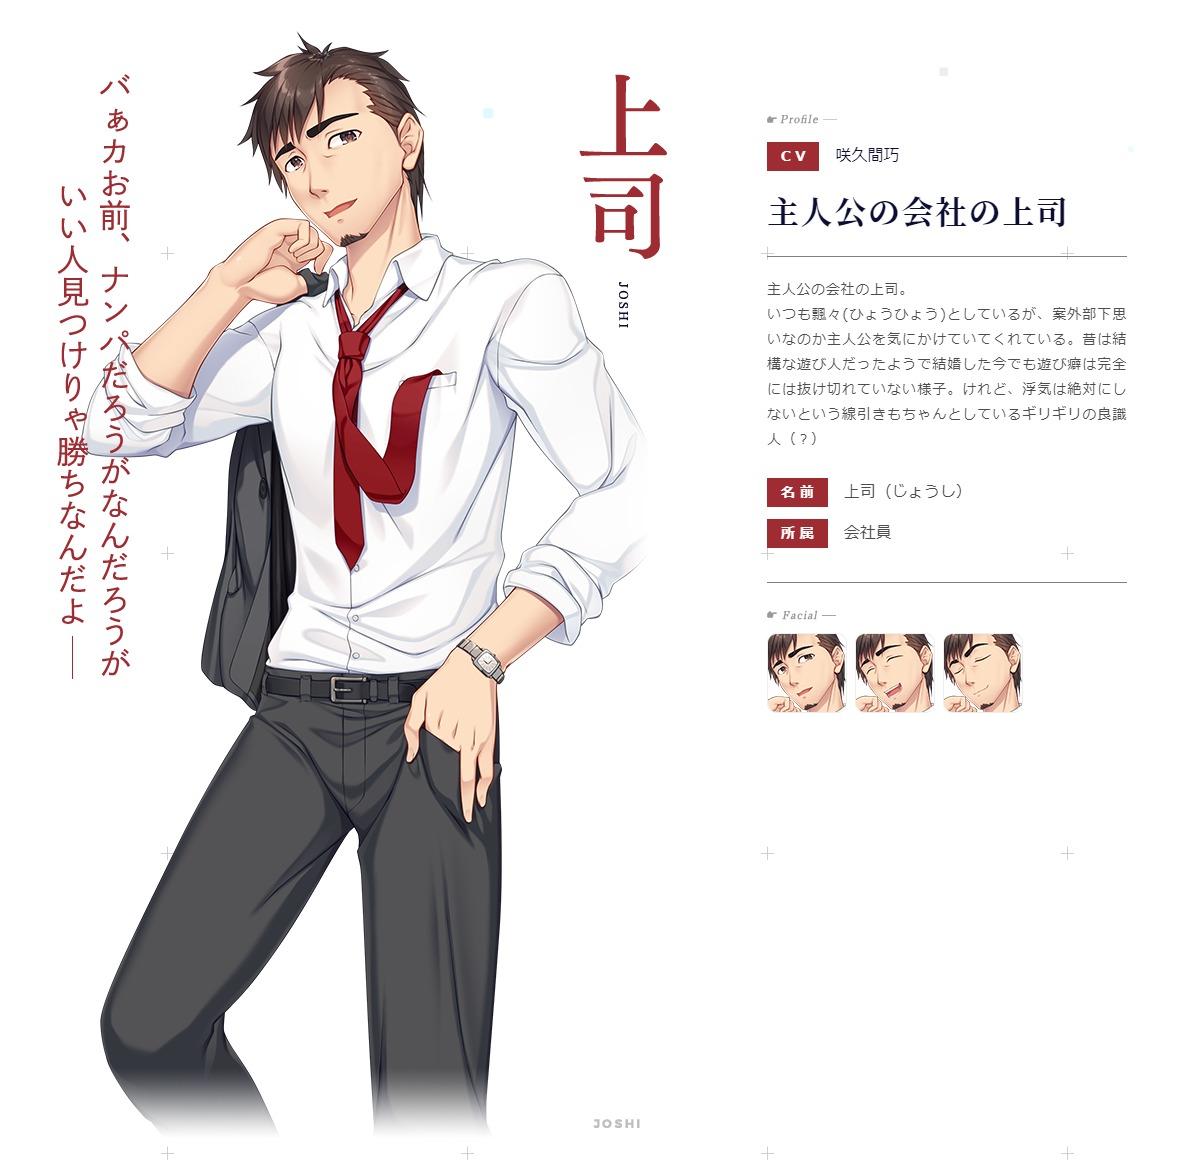 上司(CV-咲久間巧)|サブキャラクター|ゆびさきコネクション-公式サイト